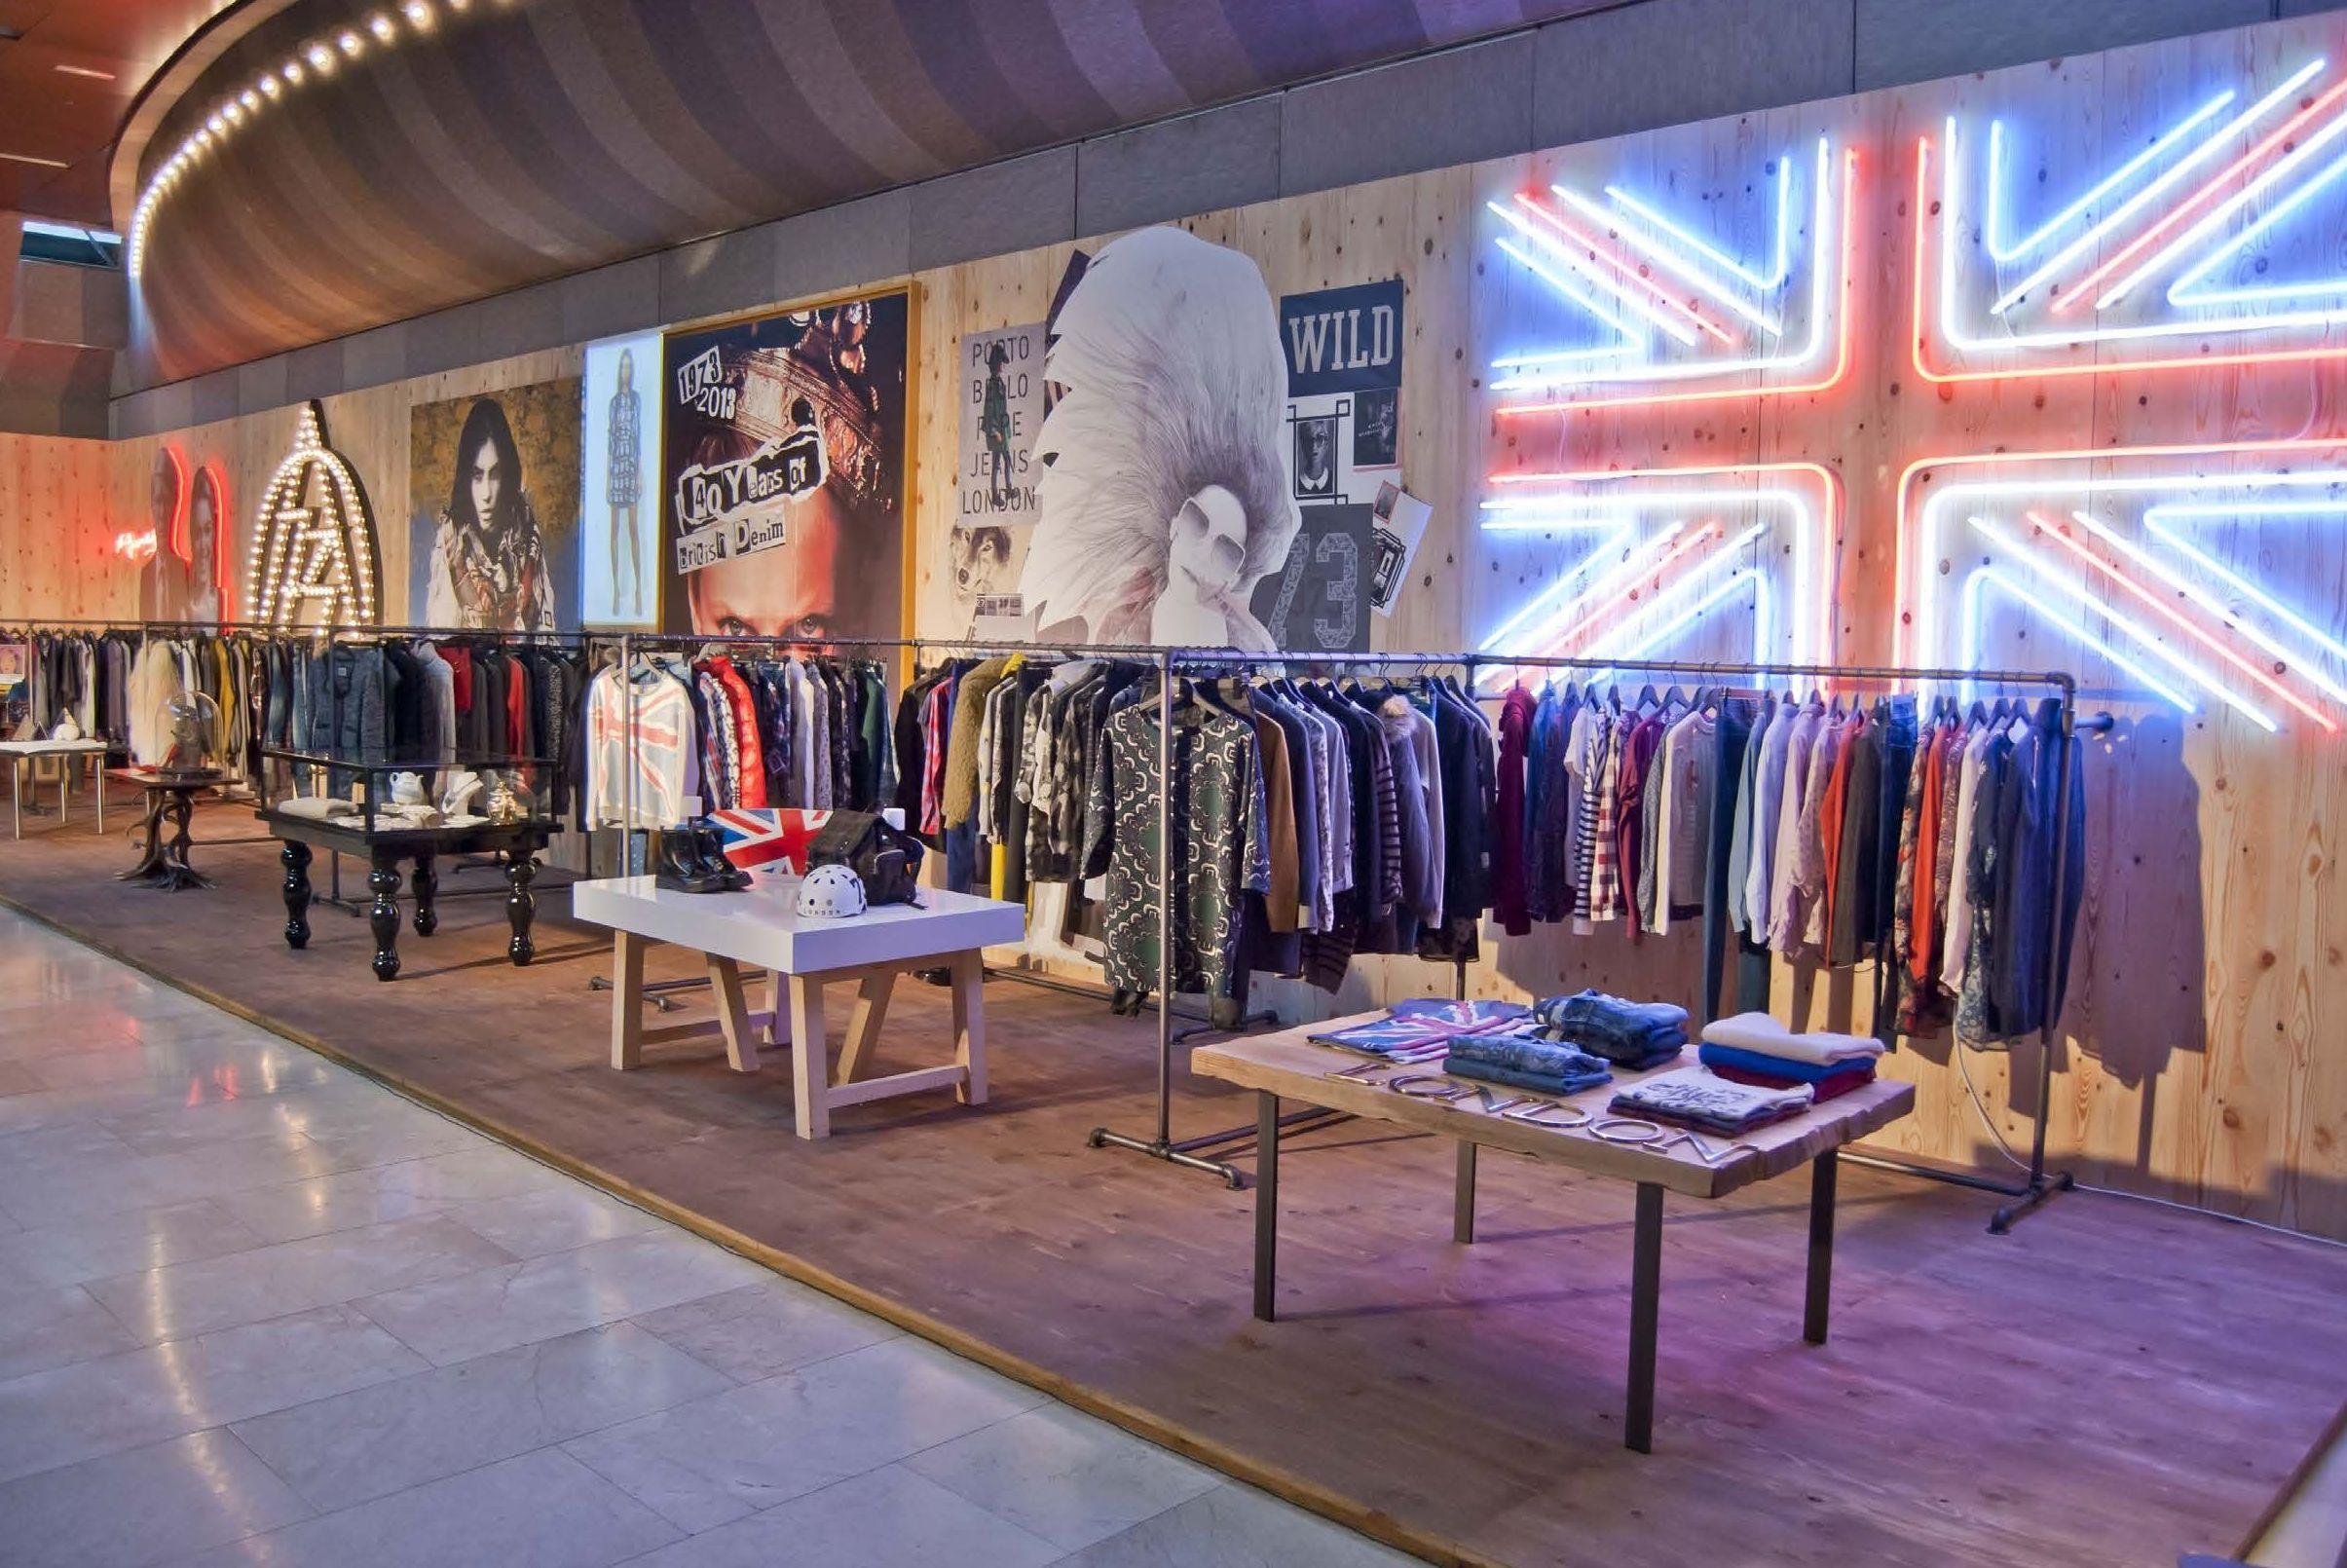 Ejecución proyectos interiorismo, mobiliario comercial y corporativo sector Retail (Pepe Jeans)